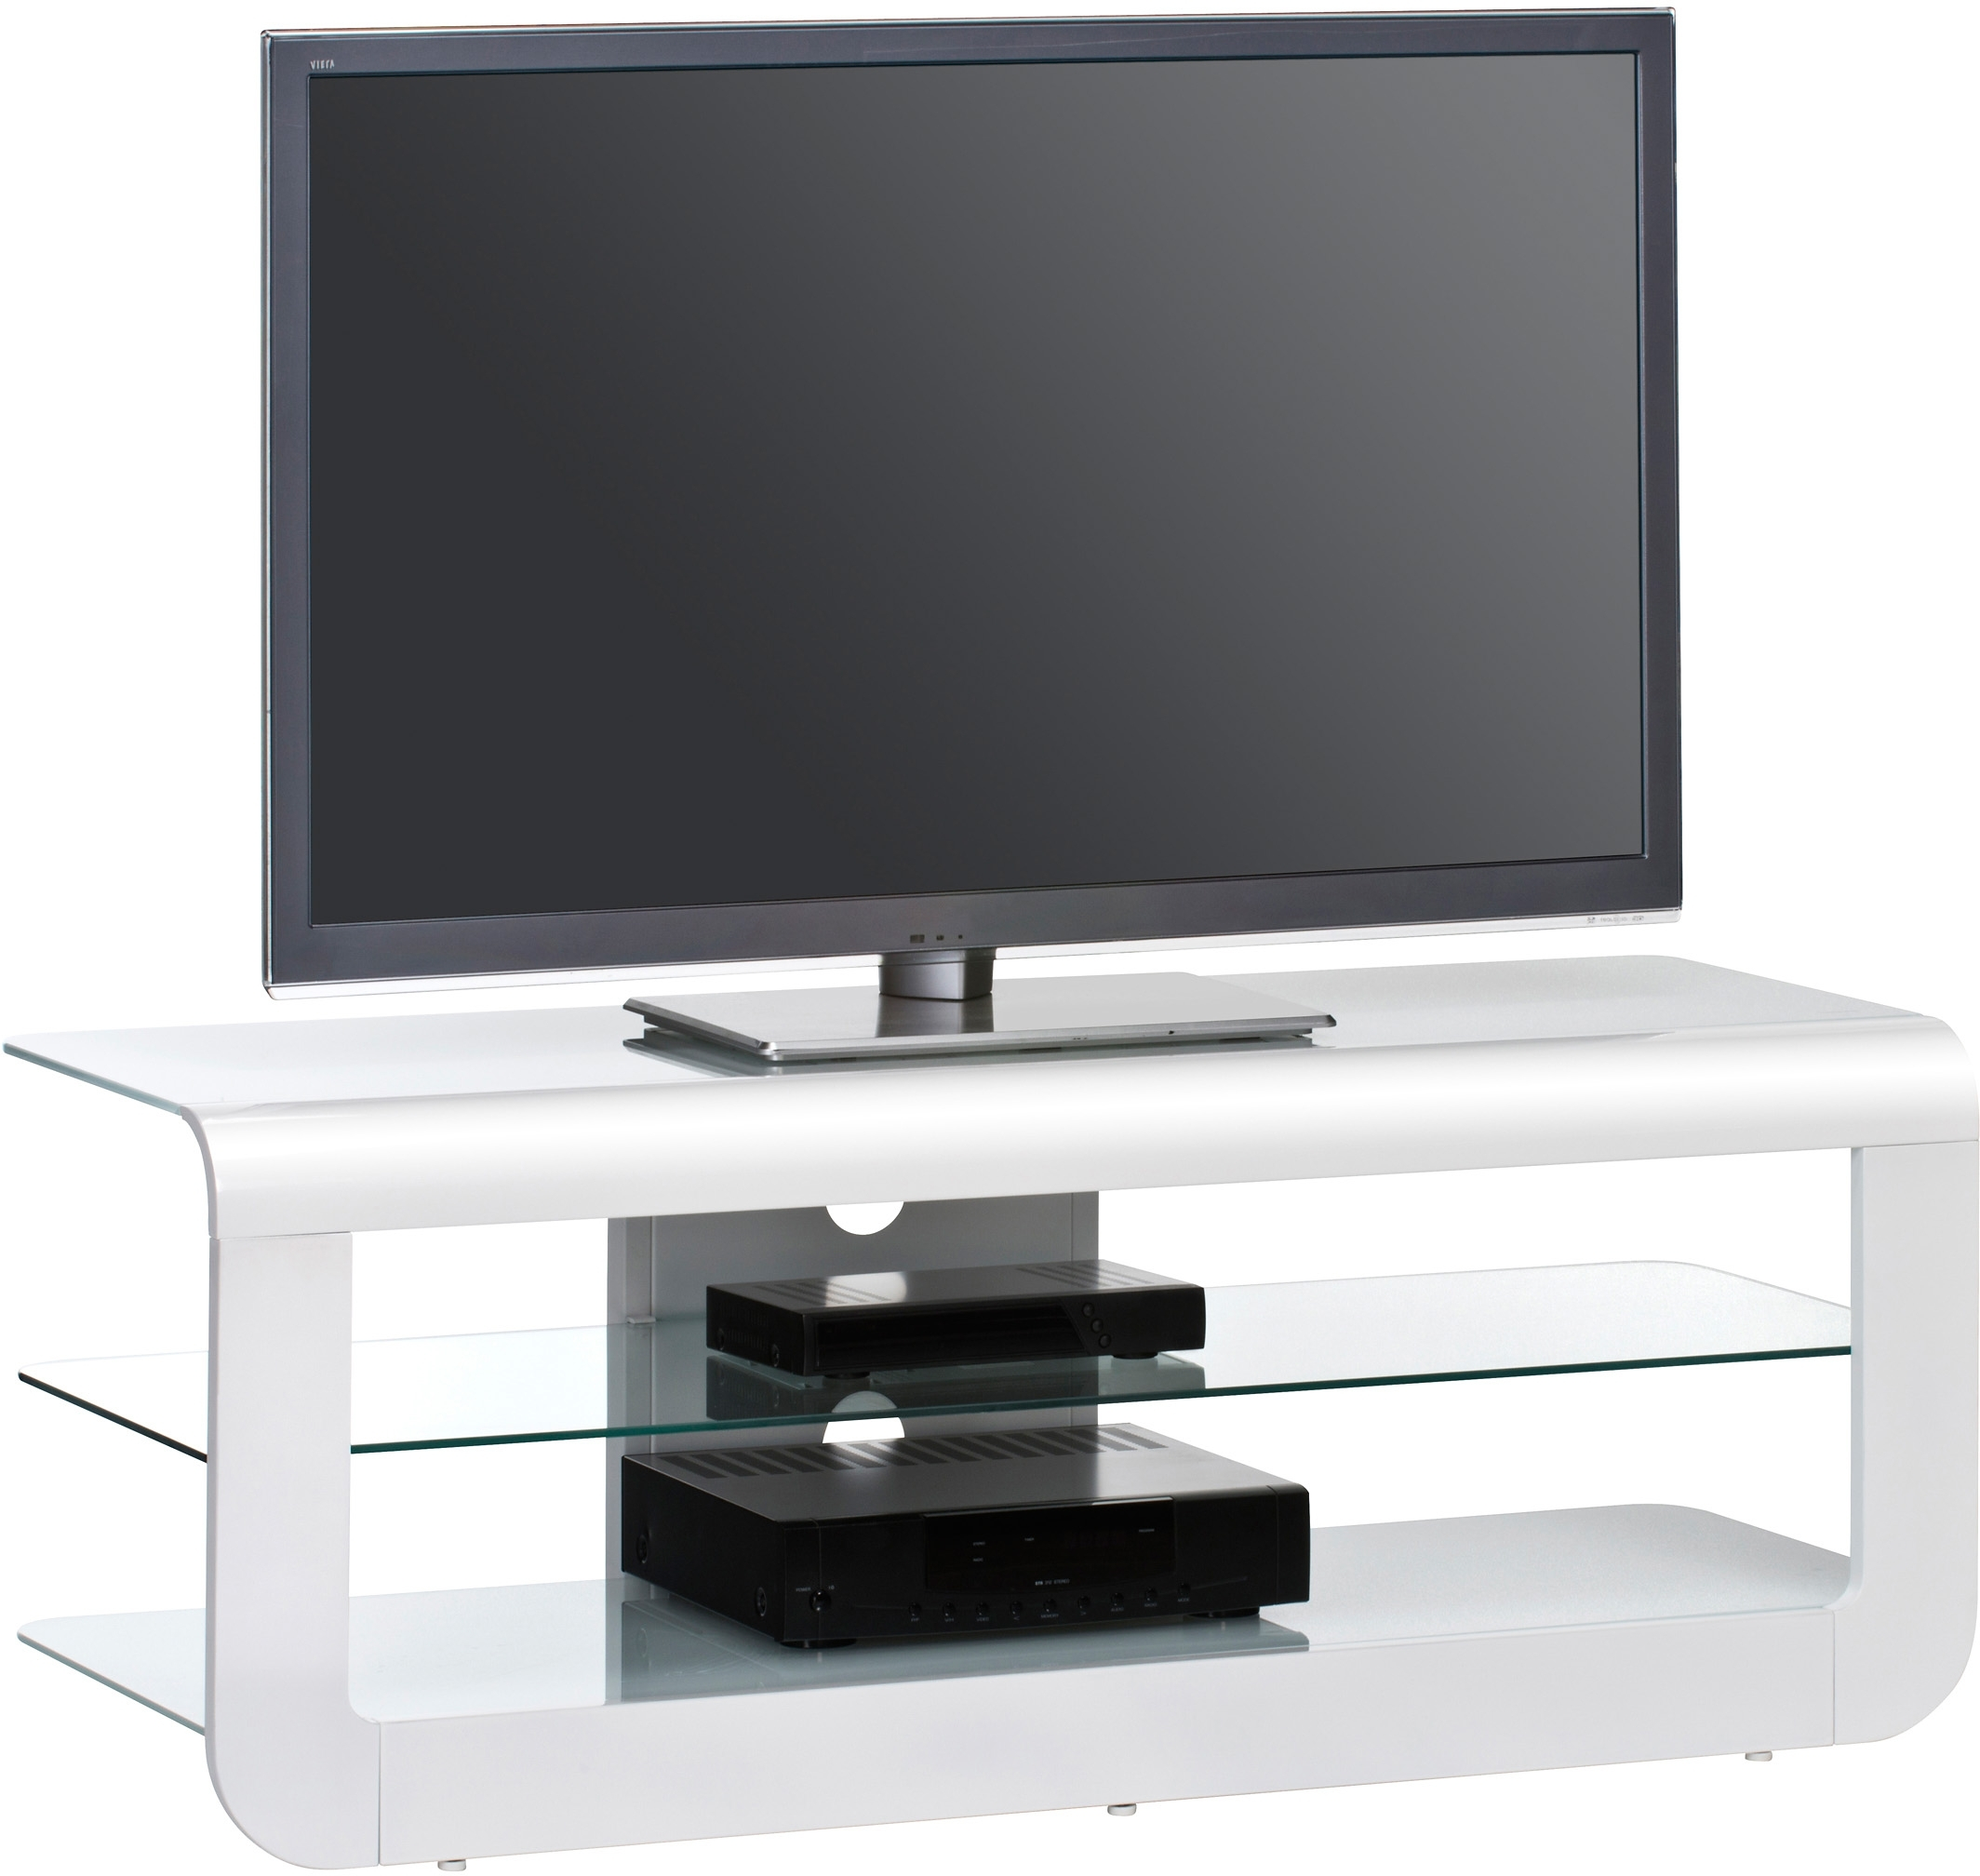 tv mbel 120 cm tv mbel wandhngend tv lowboard hngend kreative ideen fr ihr with tv mbel 120 cm. Black Bedroom Furniture Sets. Home Design Ideas